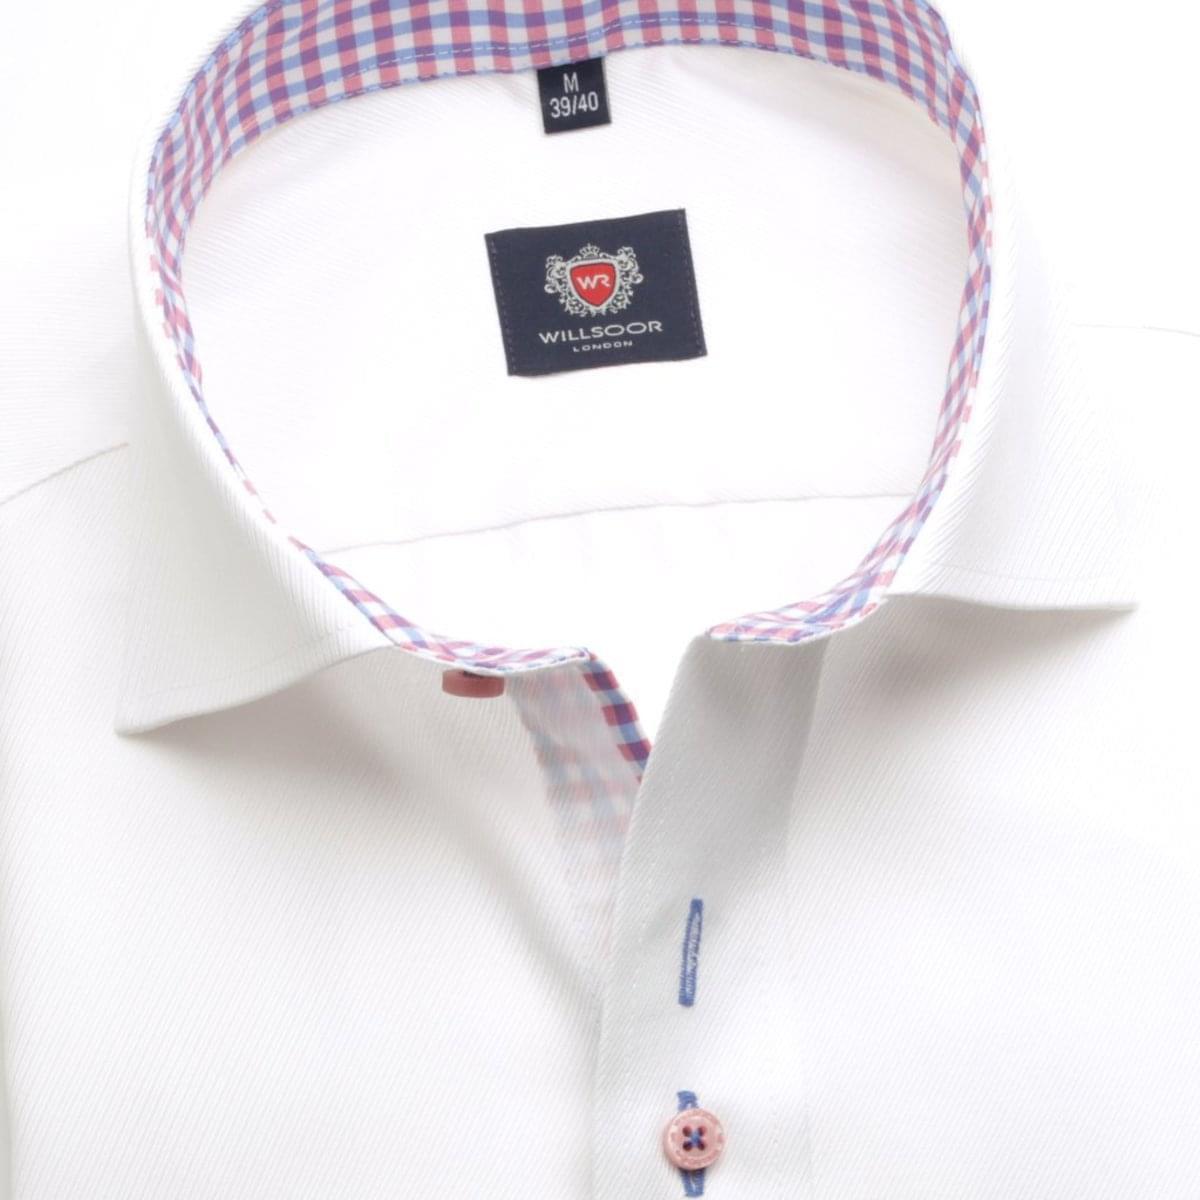 Pánská košile London v bílé barvě (výška 176-182) 5444 176-182 / L (41/42)